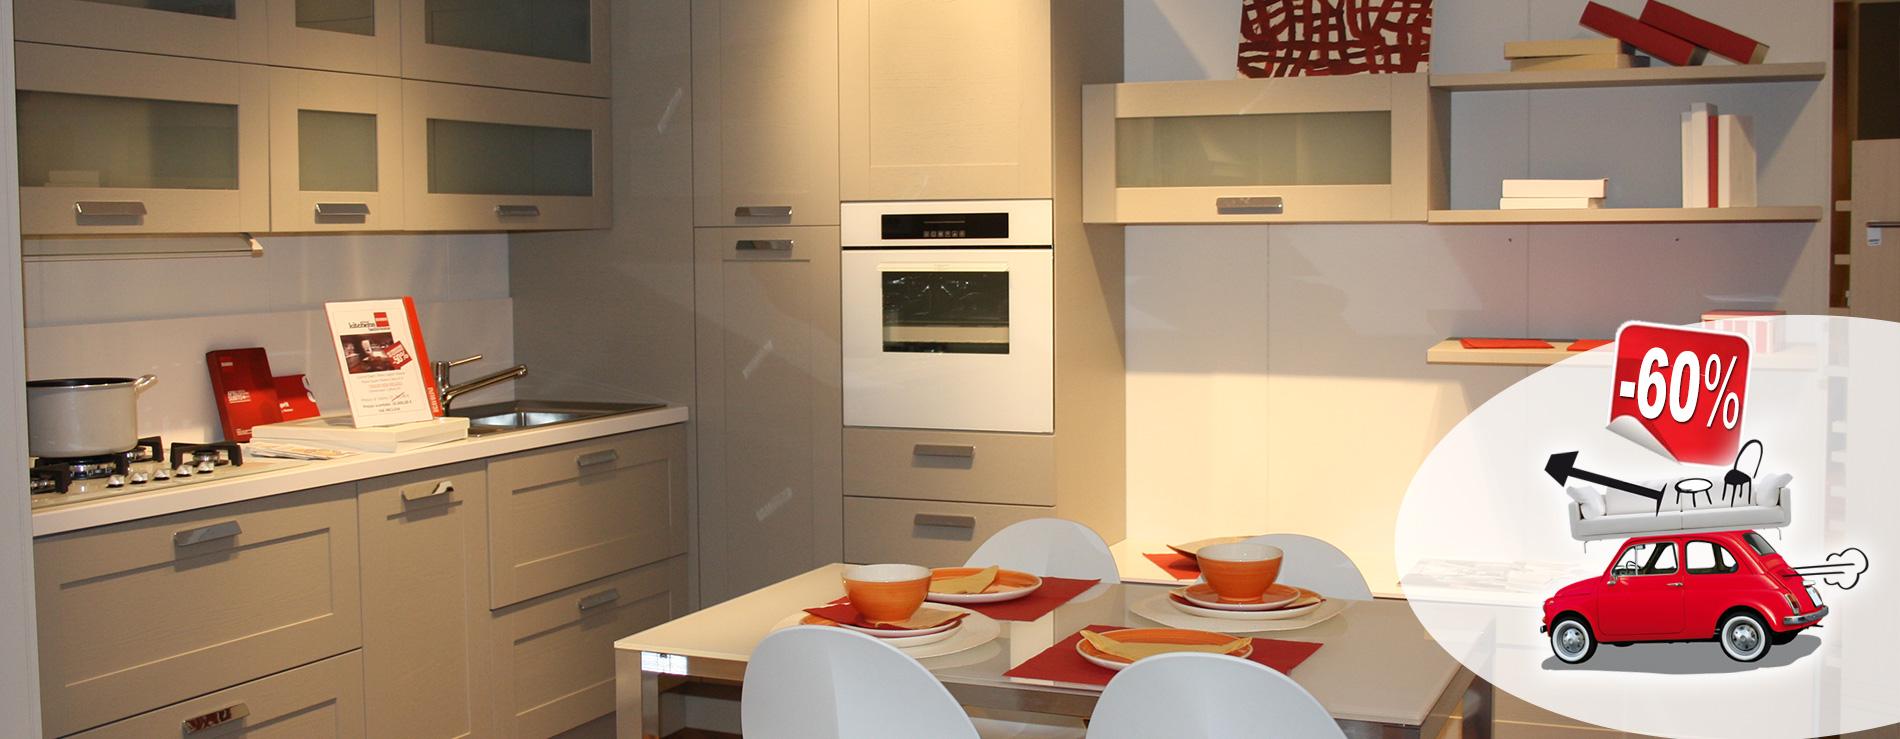 Outlet Centro Mobili Cucine Scavolini In Promozione